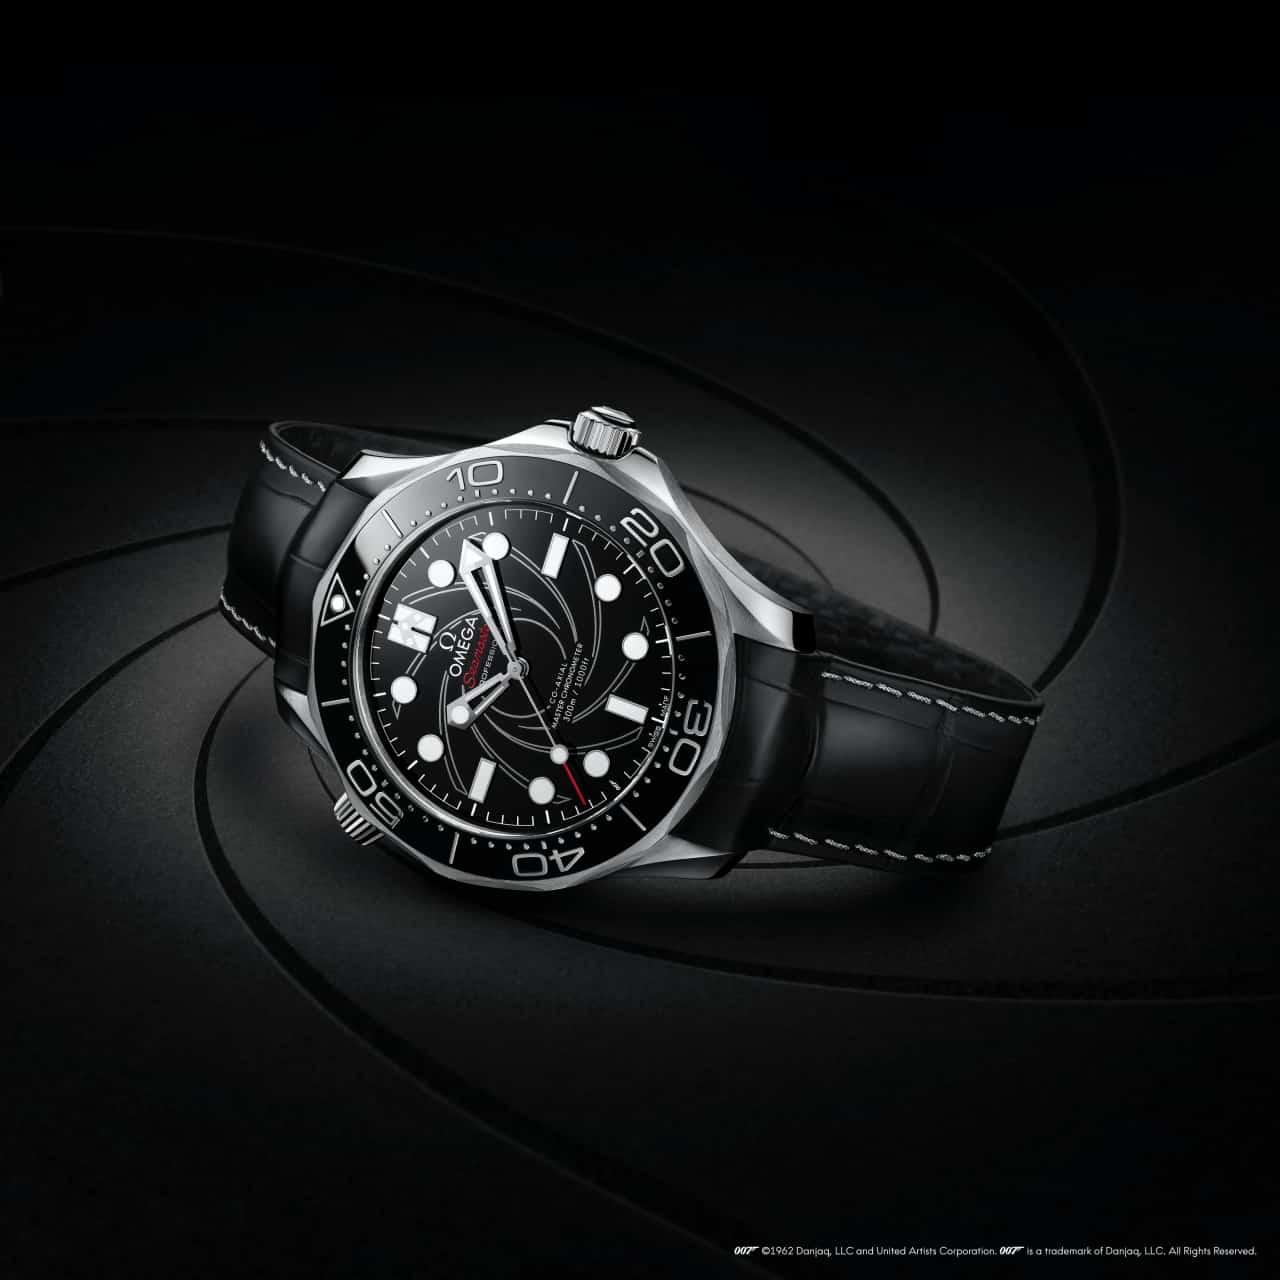 WATCH THIS|龐德的生活美學從腕錶看起